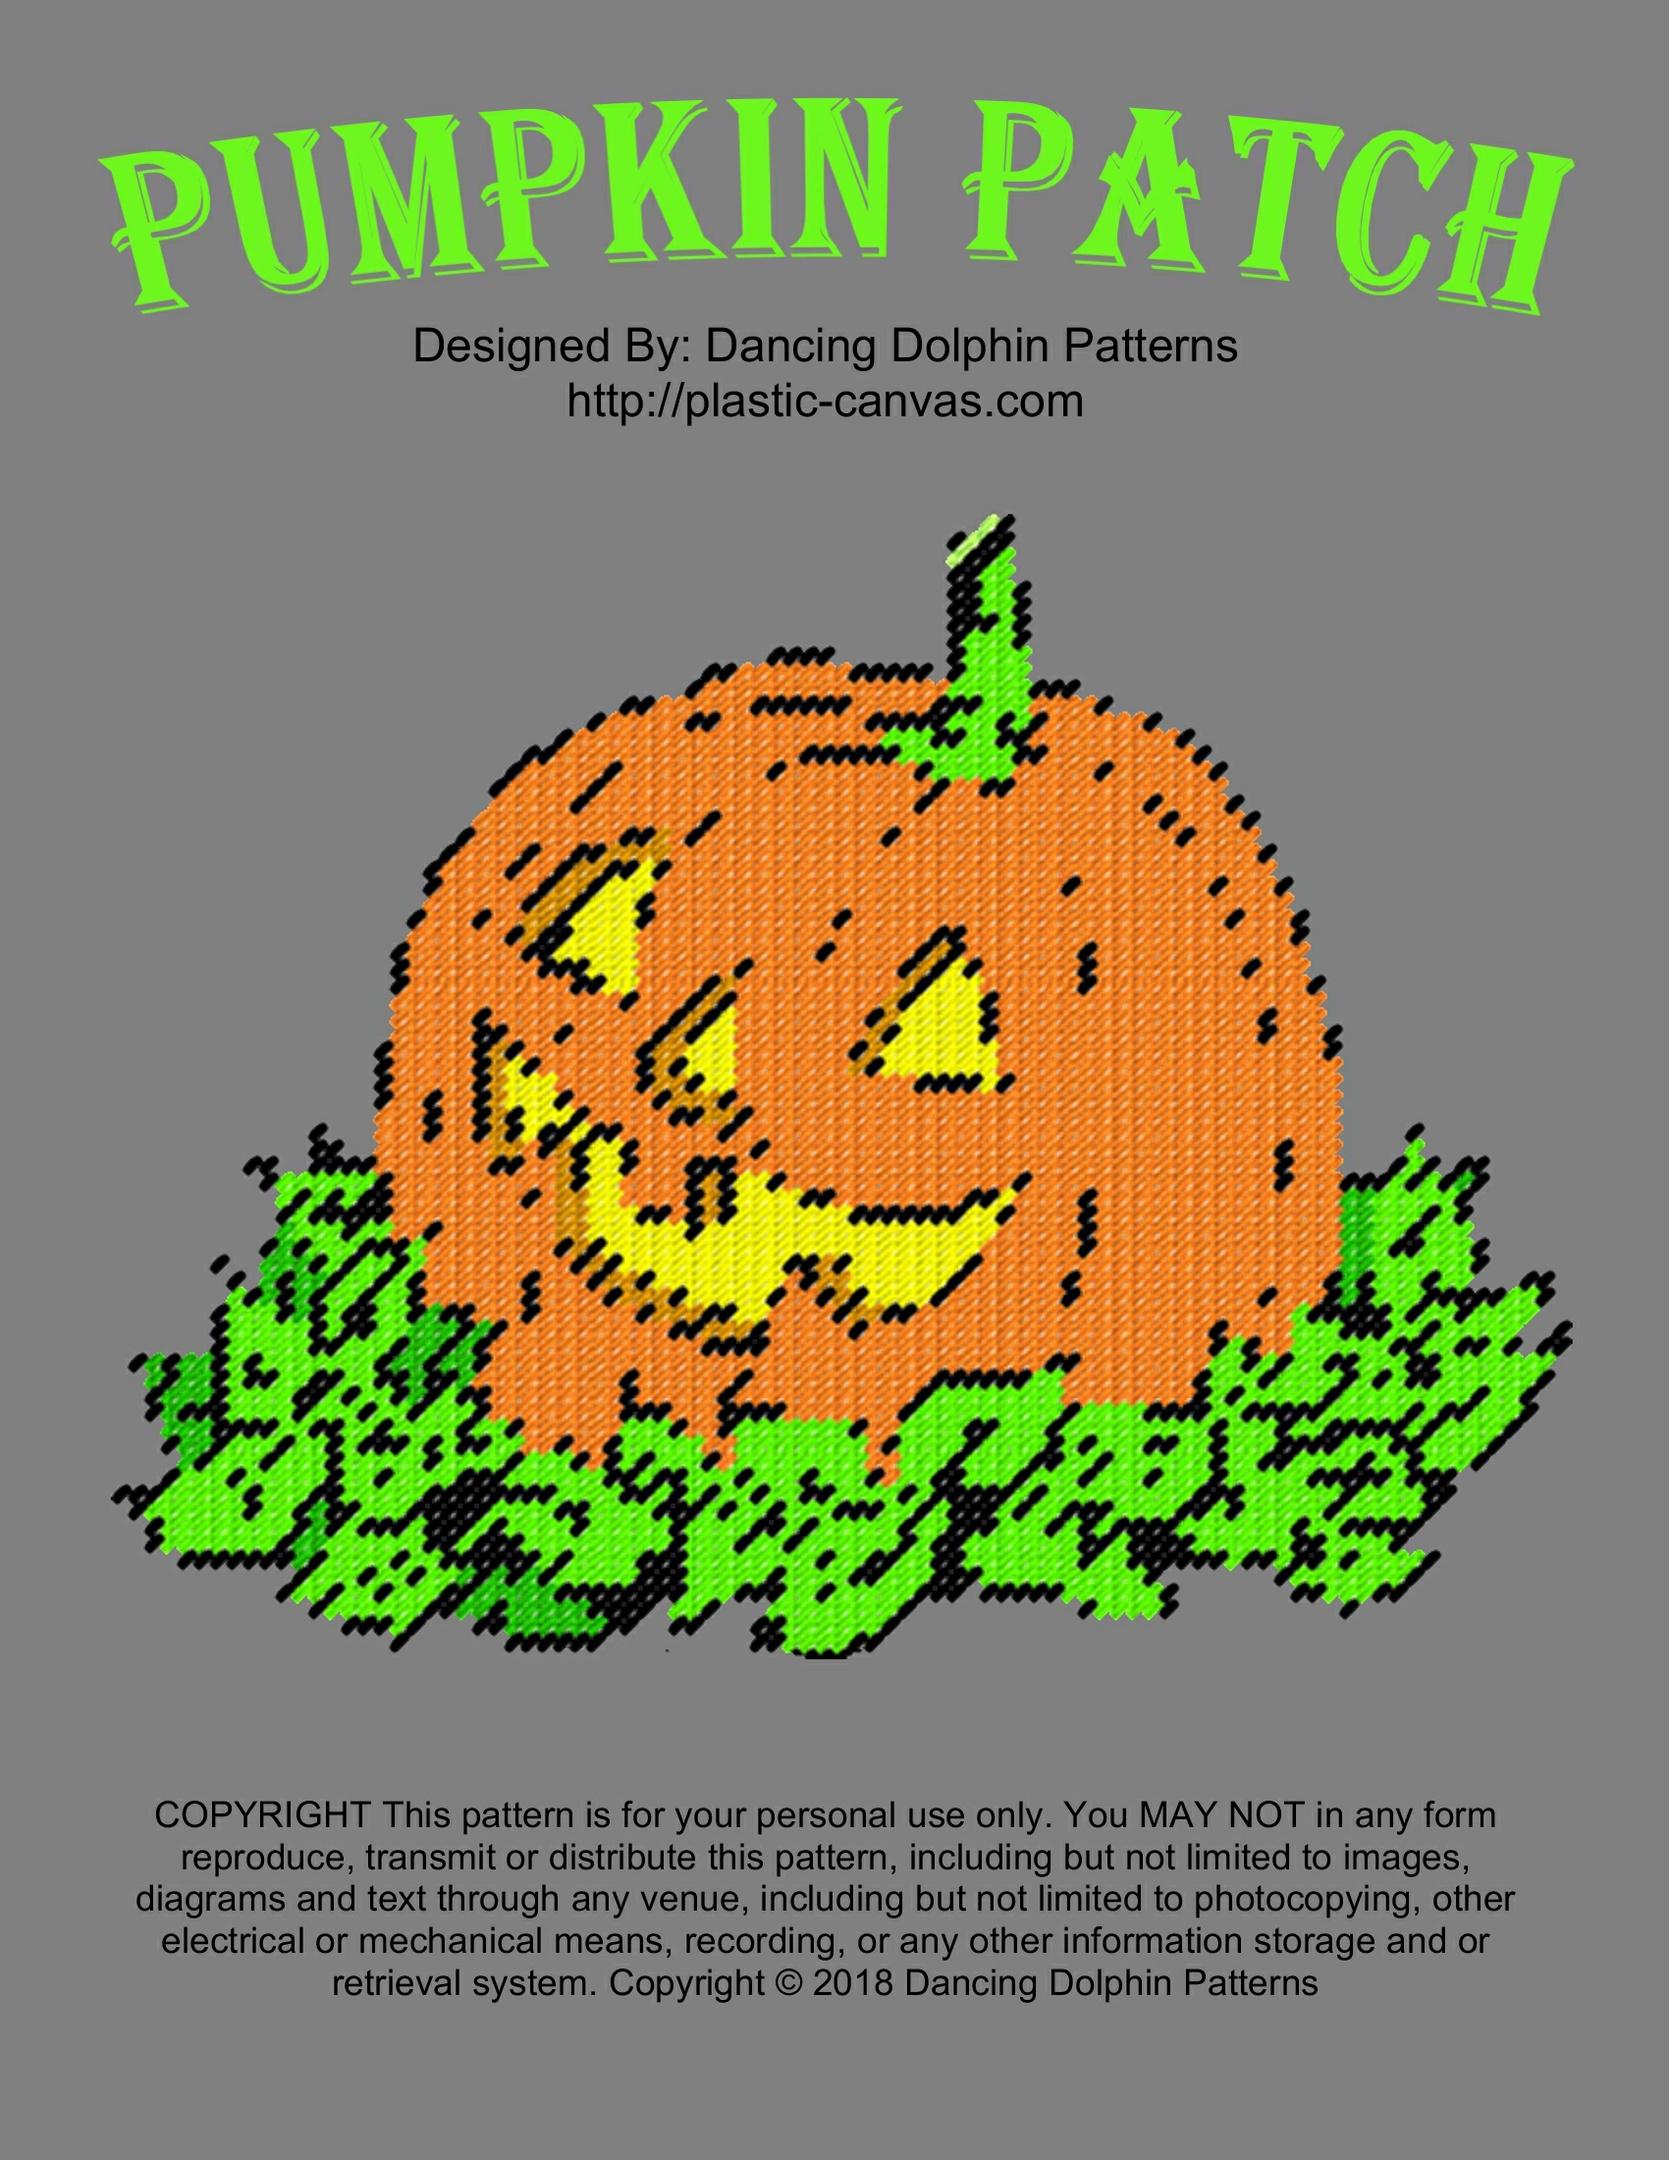 622 - Pumpkin Patch